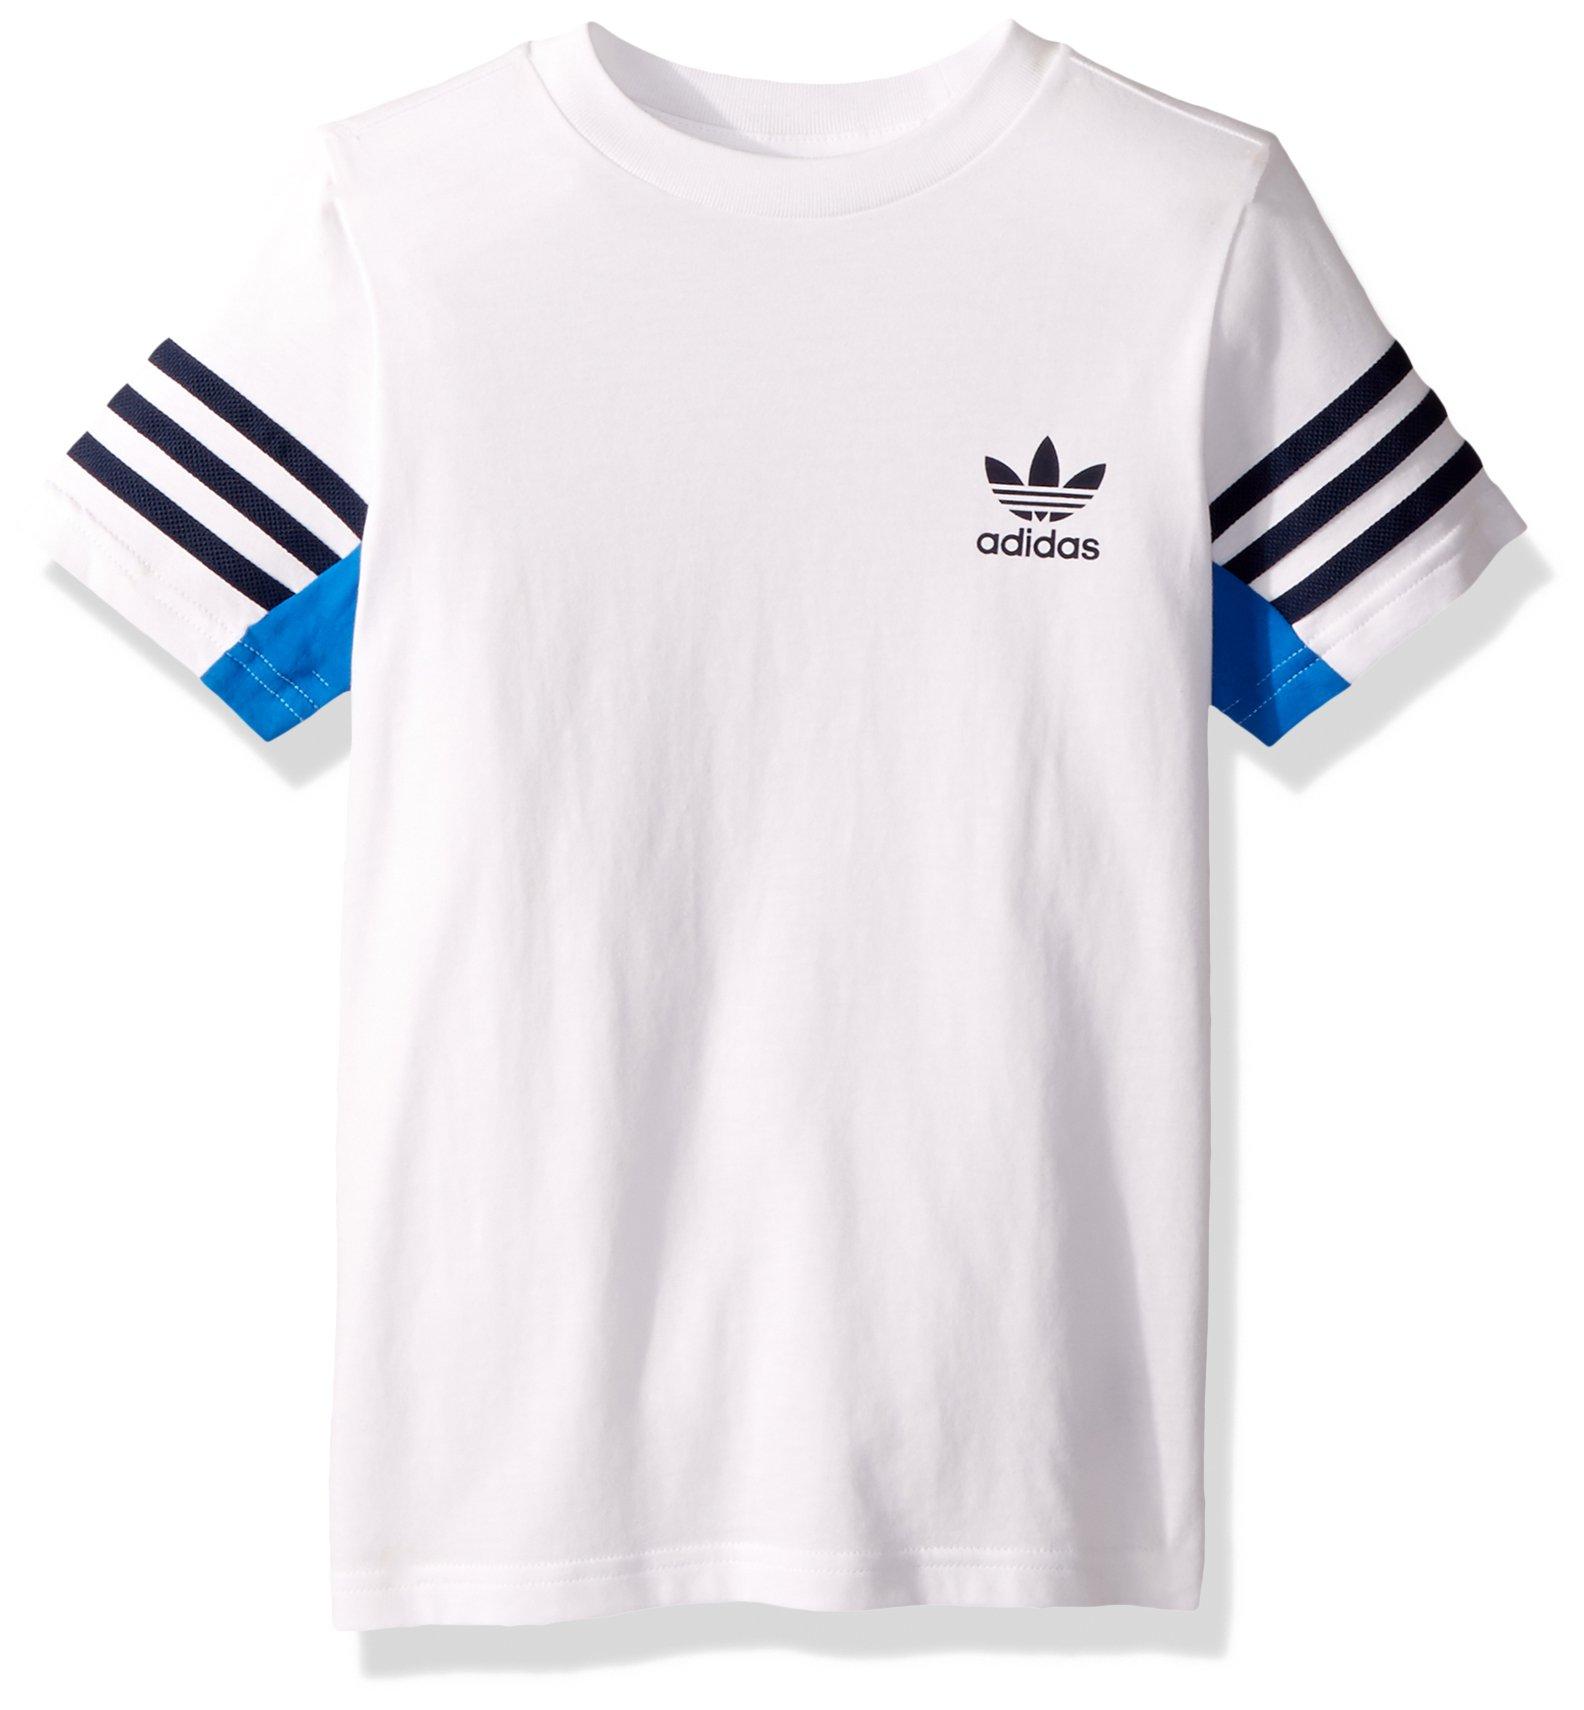 adidas Originals Big Boys' Authentics Tee, White/Blue Bird/Collegiate Navy, M